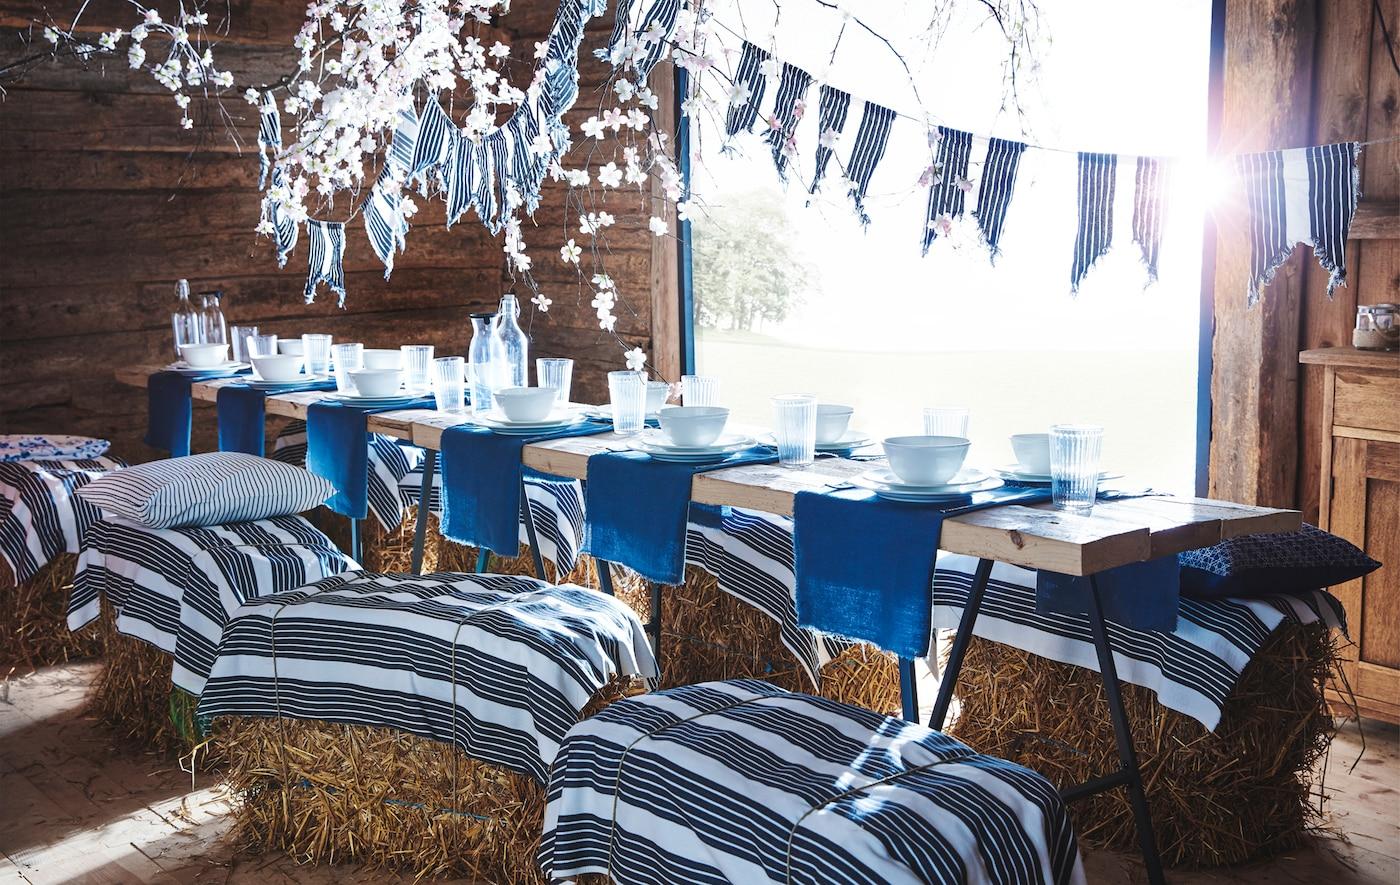 ロングテーブルにブルーと白の食器を並べ、ストライプの布を旗布として飾り、シート代わりの干し草に巻き付けた木造の納屋。